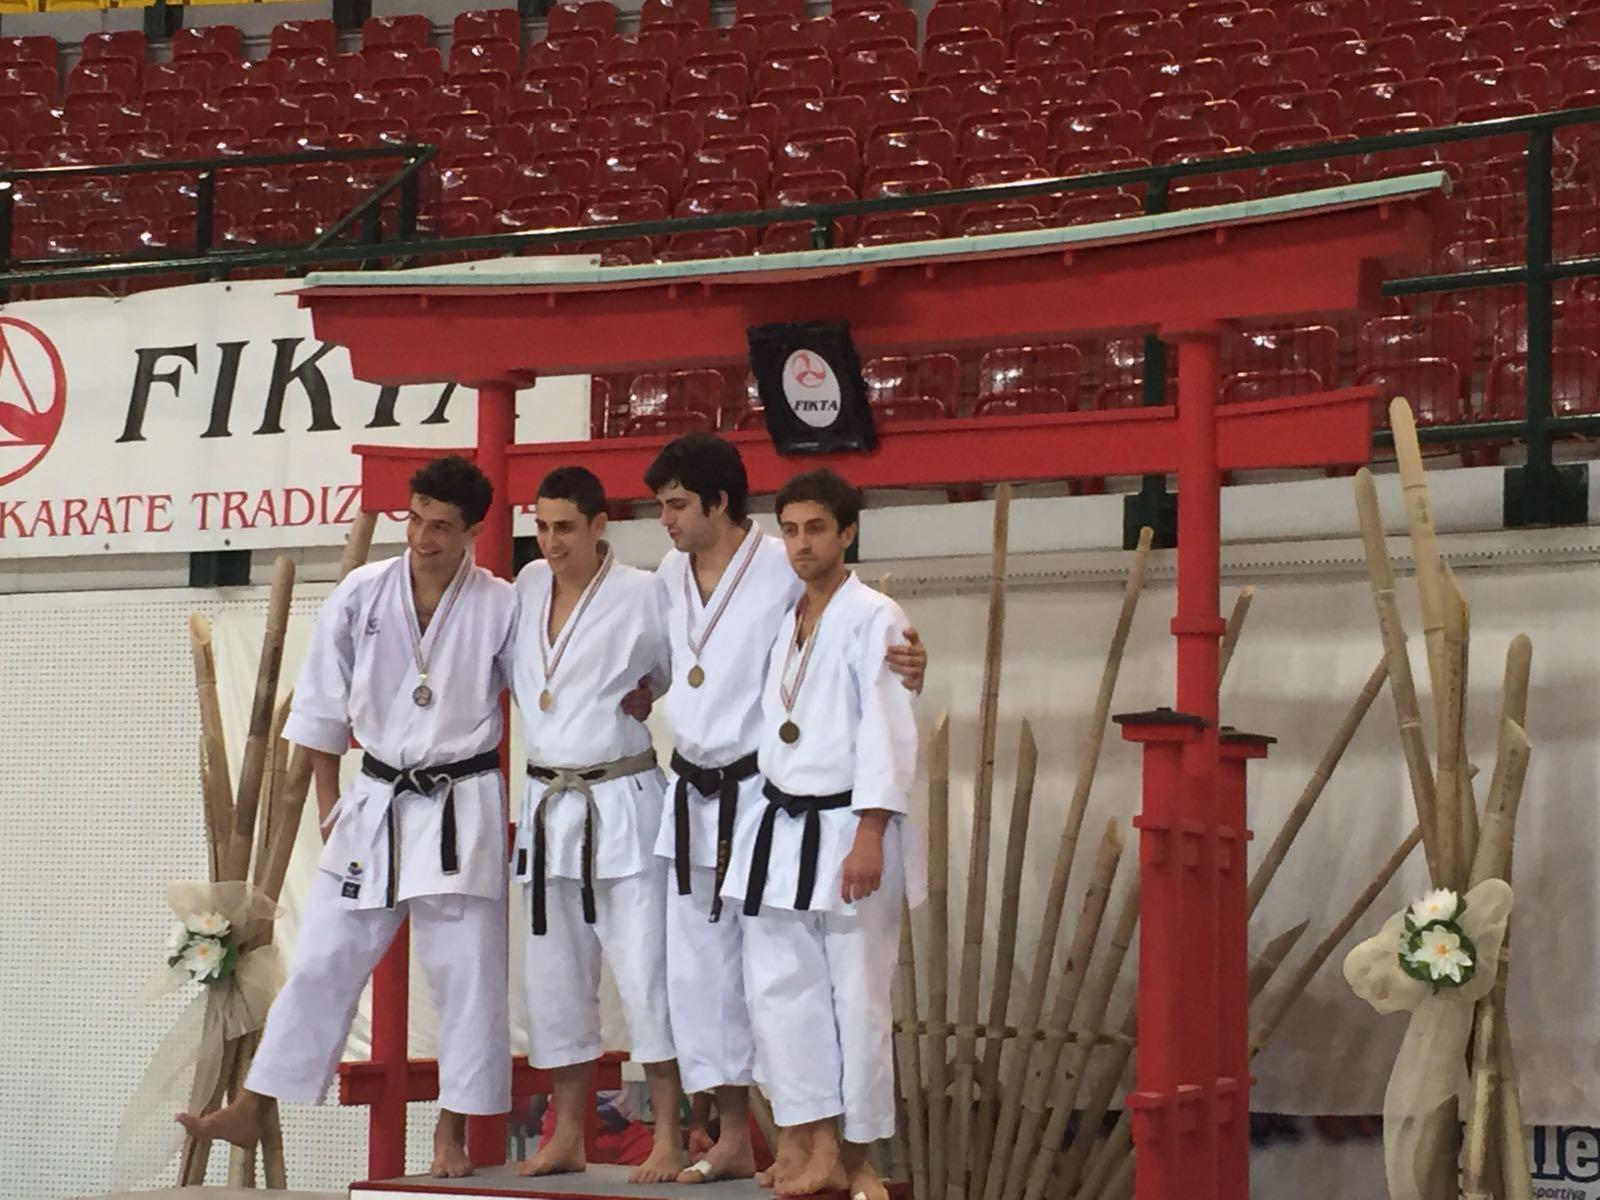 Daniele Migliaccio e Filippo Belli karateki medagliati